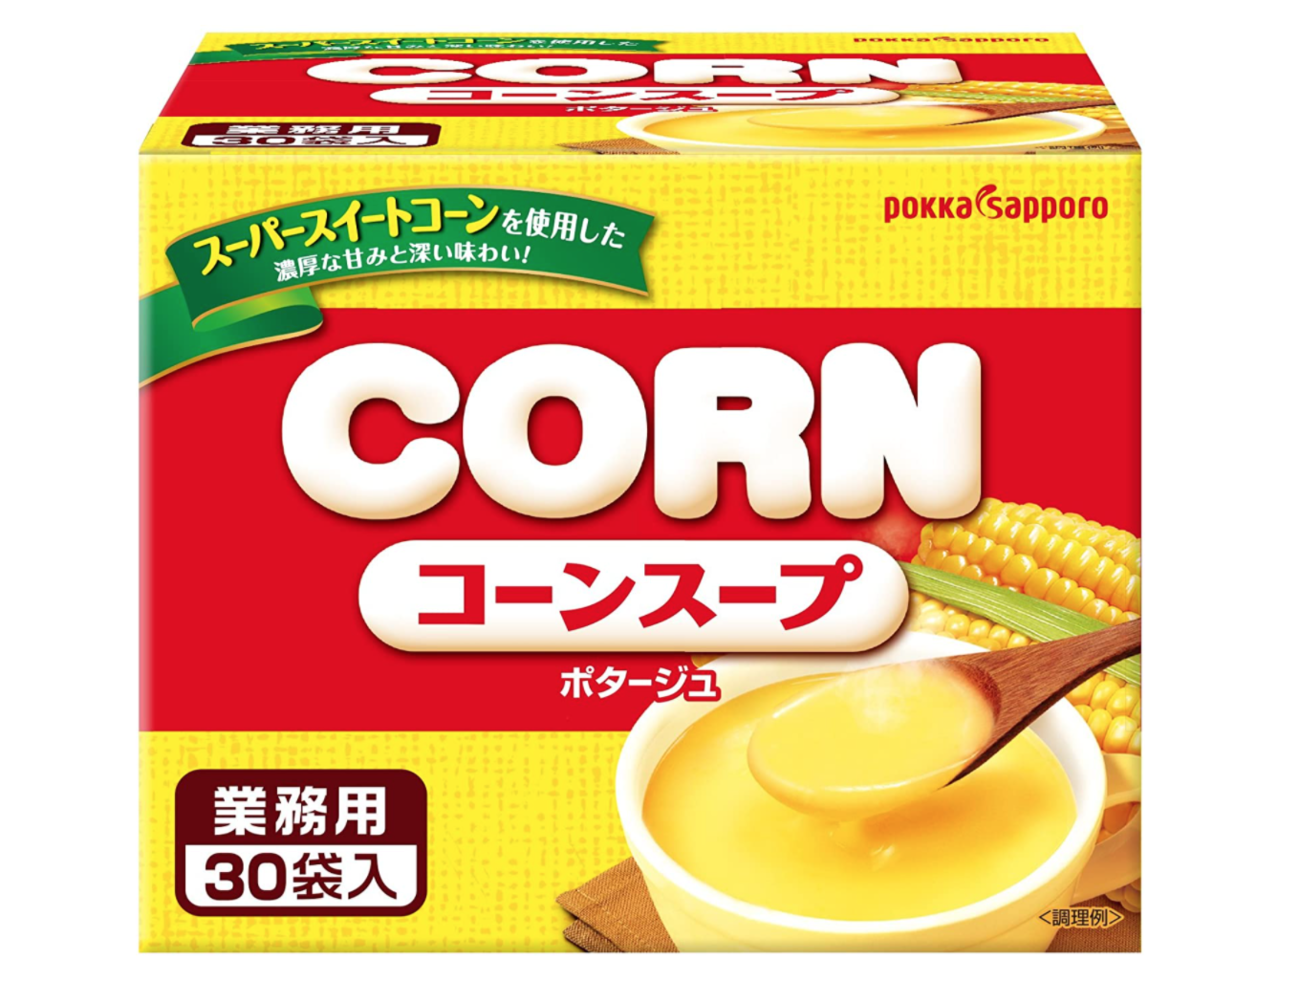 ポッカサッポロ 業務用コーンスープ